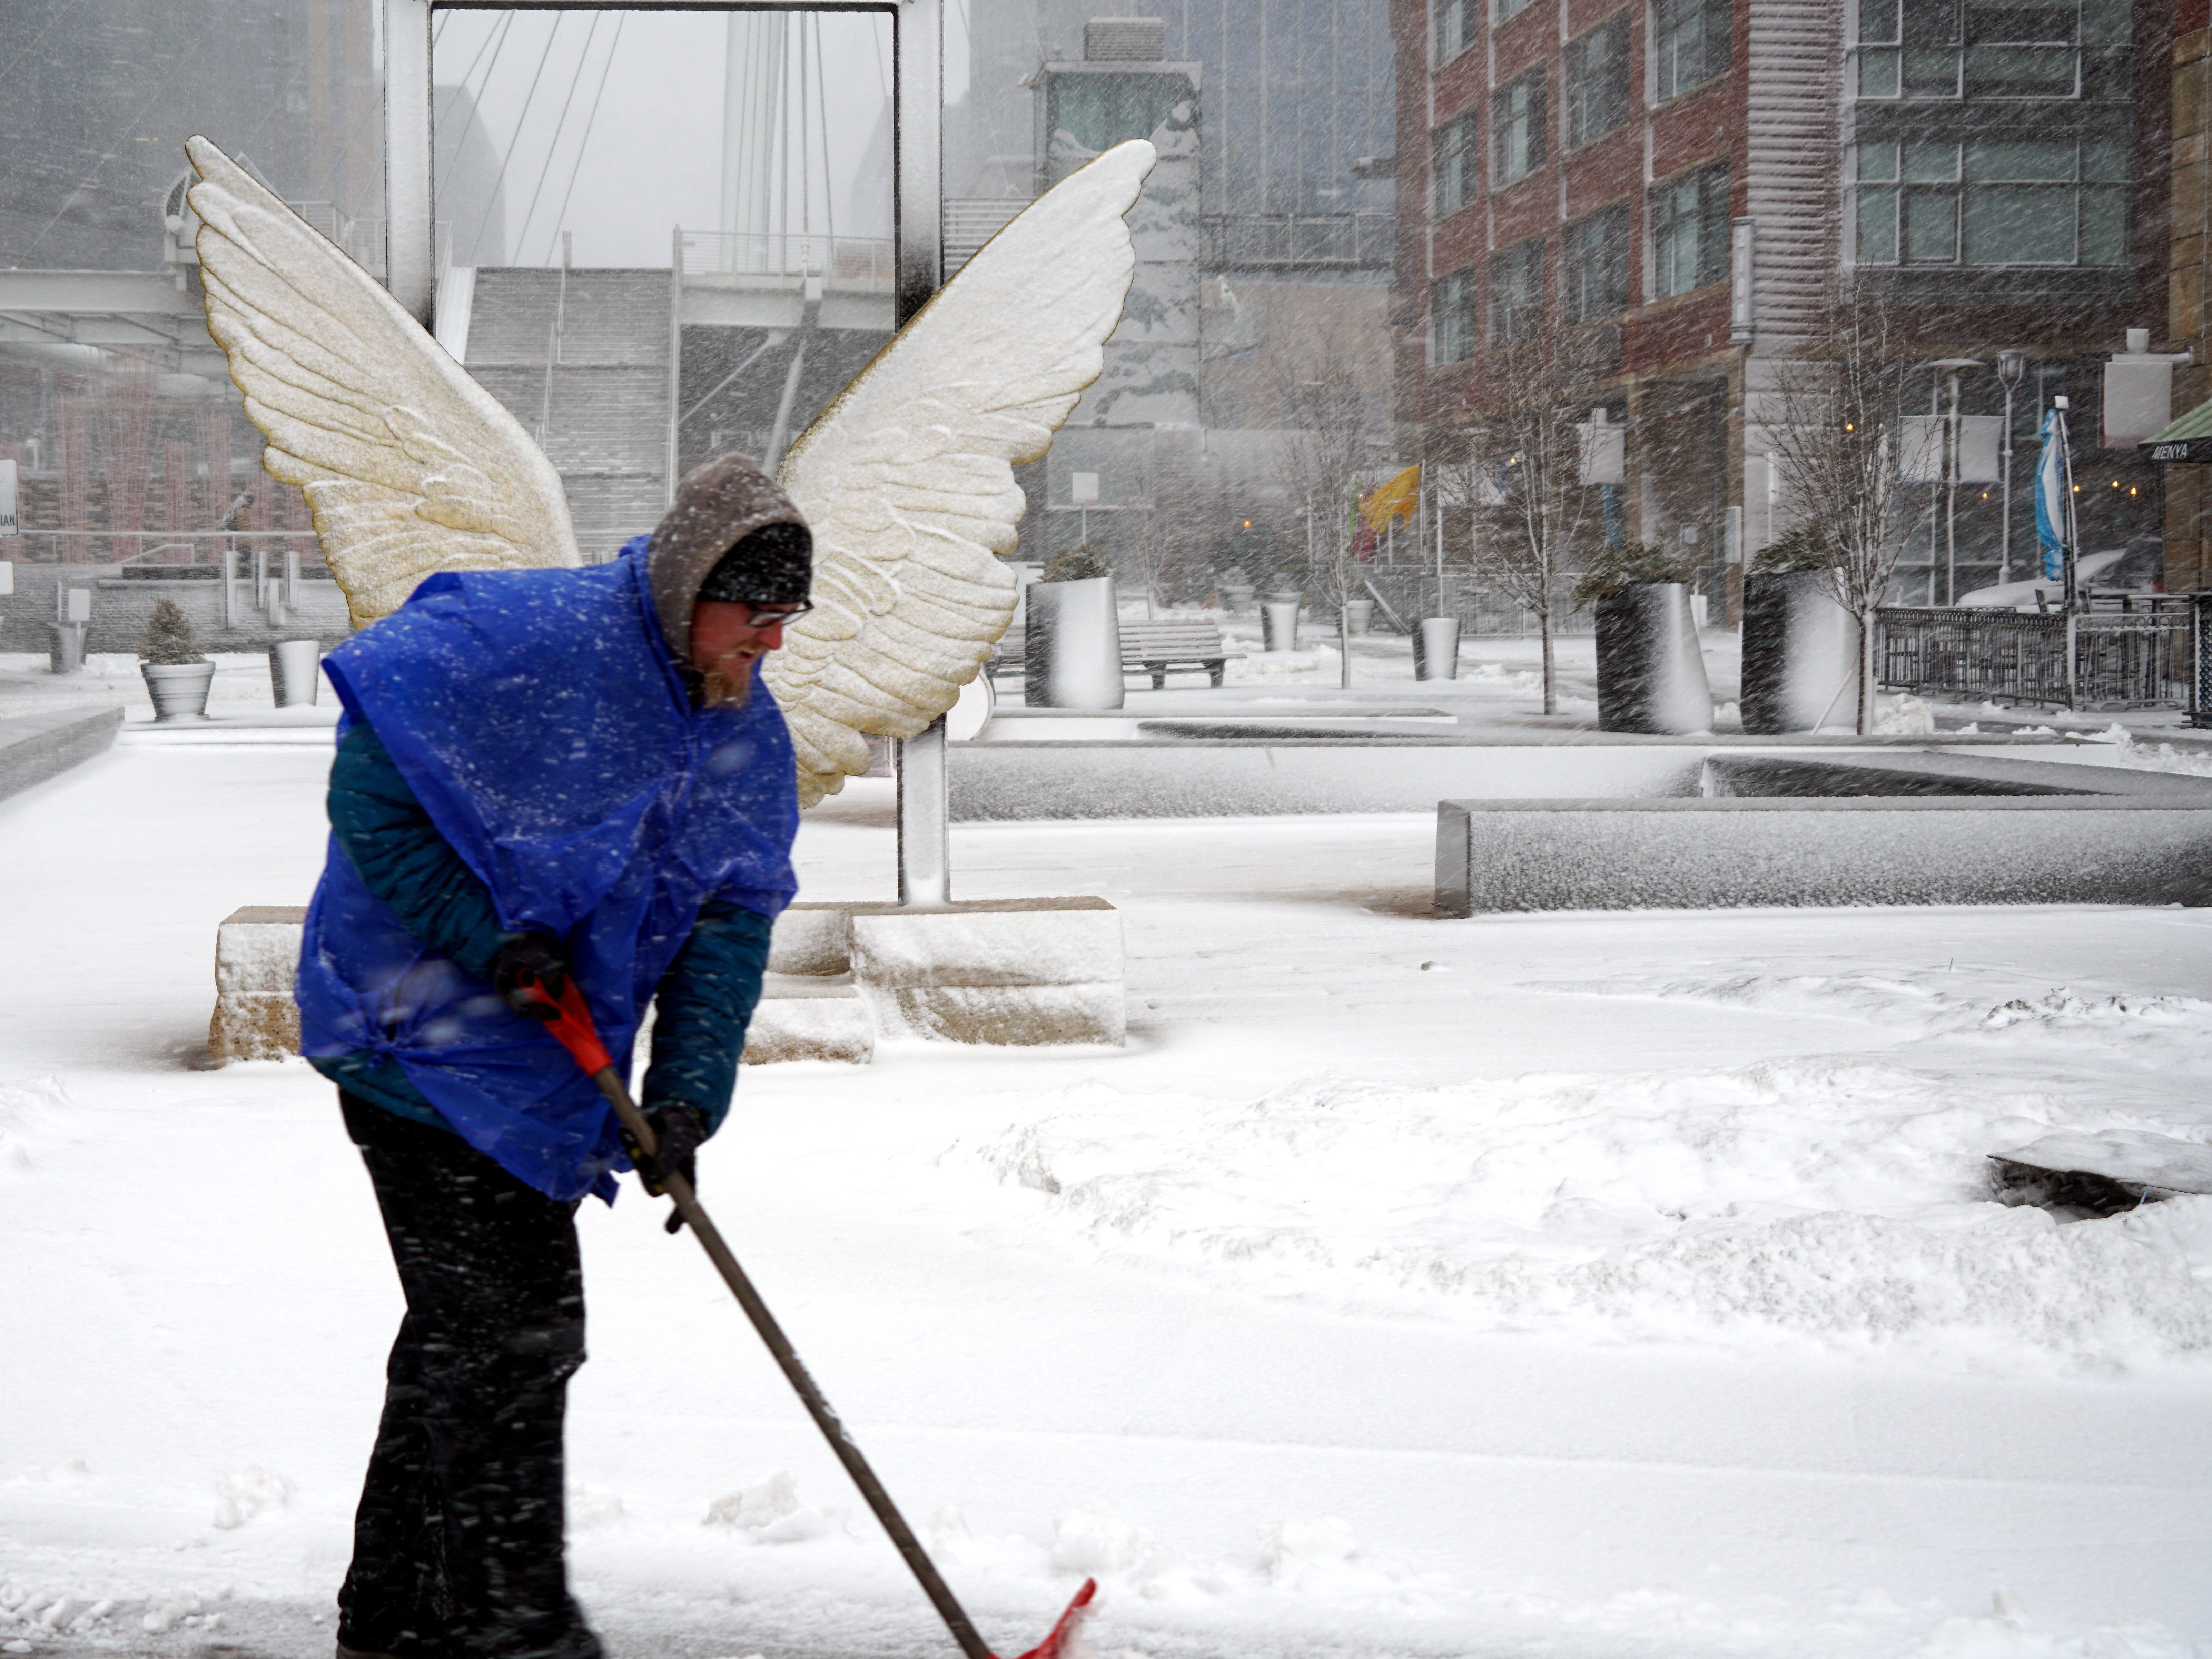 Matt Krueger, 36, shovels snow near downtown Denver's Millennium Bridge during a blizzard, March 13, 2019.